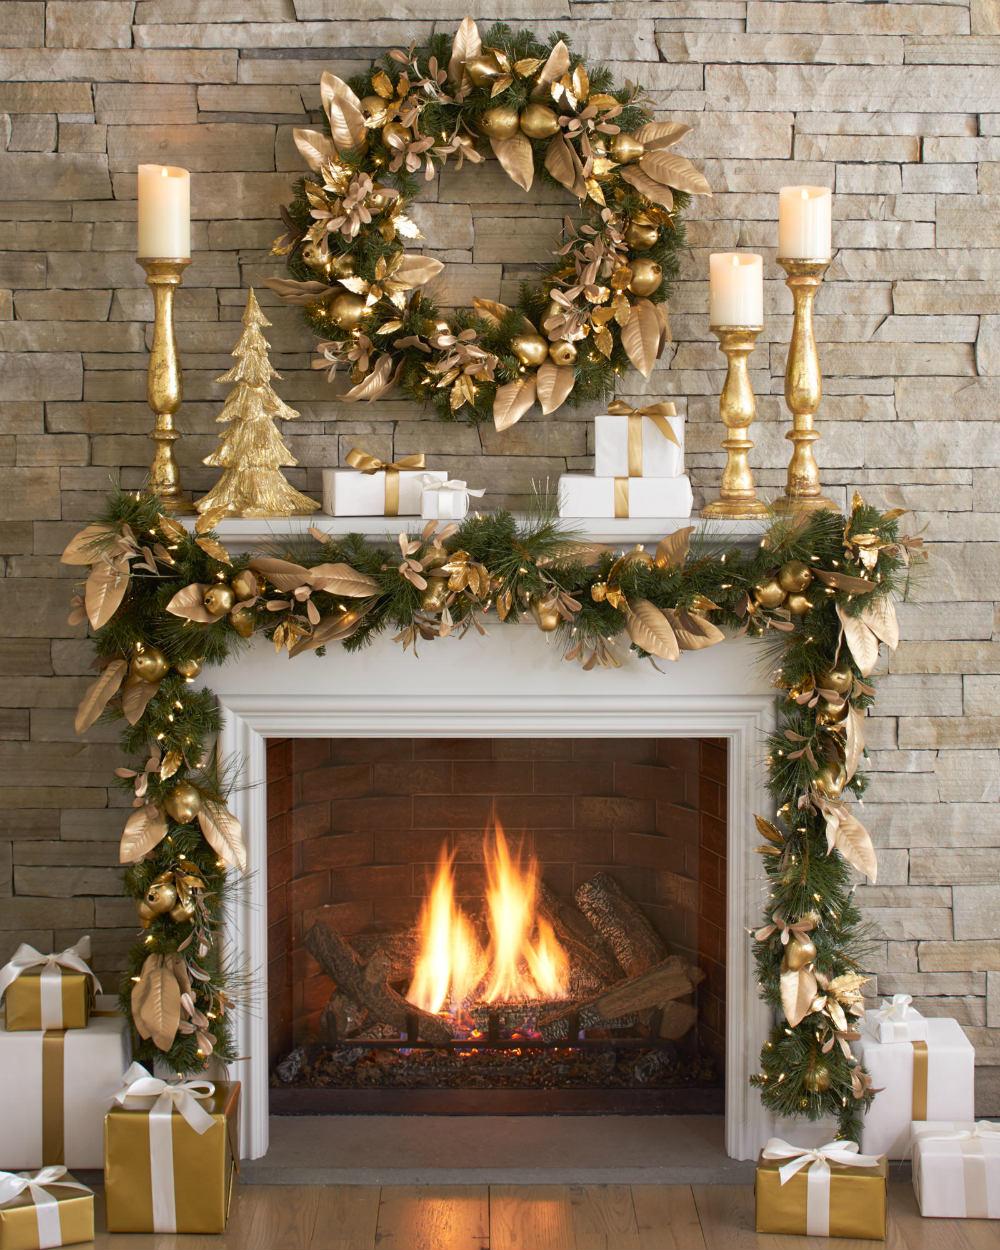 5 Classic and Timeless Christmas Décor Ideas 02 Timeless Christmas Décor 5 Classic and Timeless Christmas Décor Ideas 5 Classic and Timeless Christmas D  cor Ideas 02